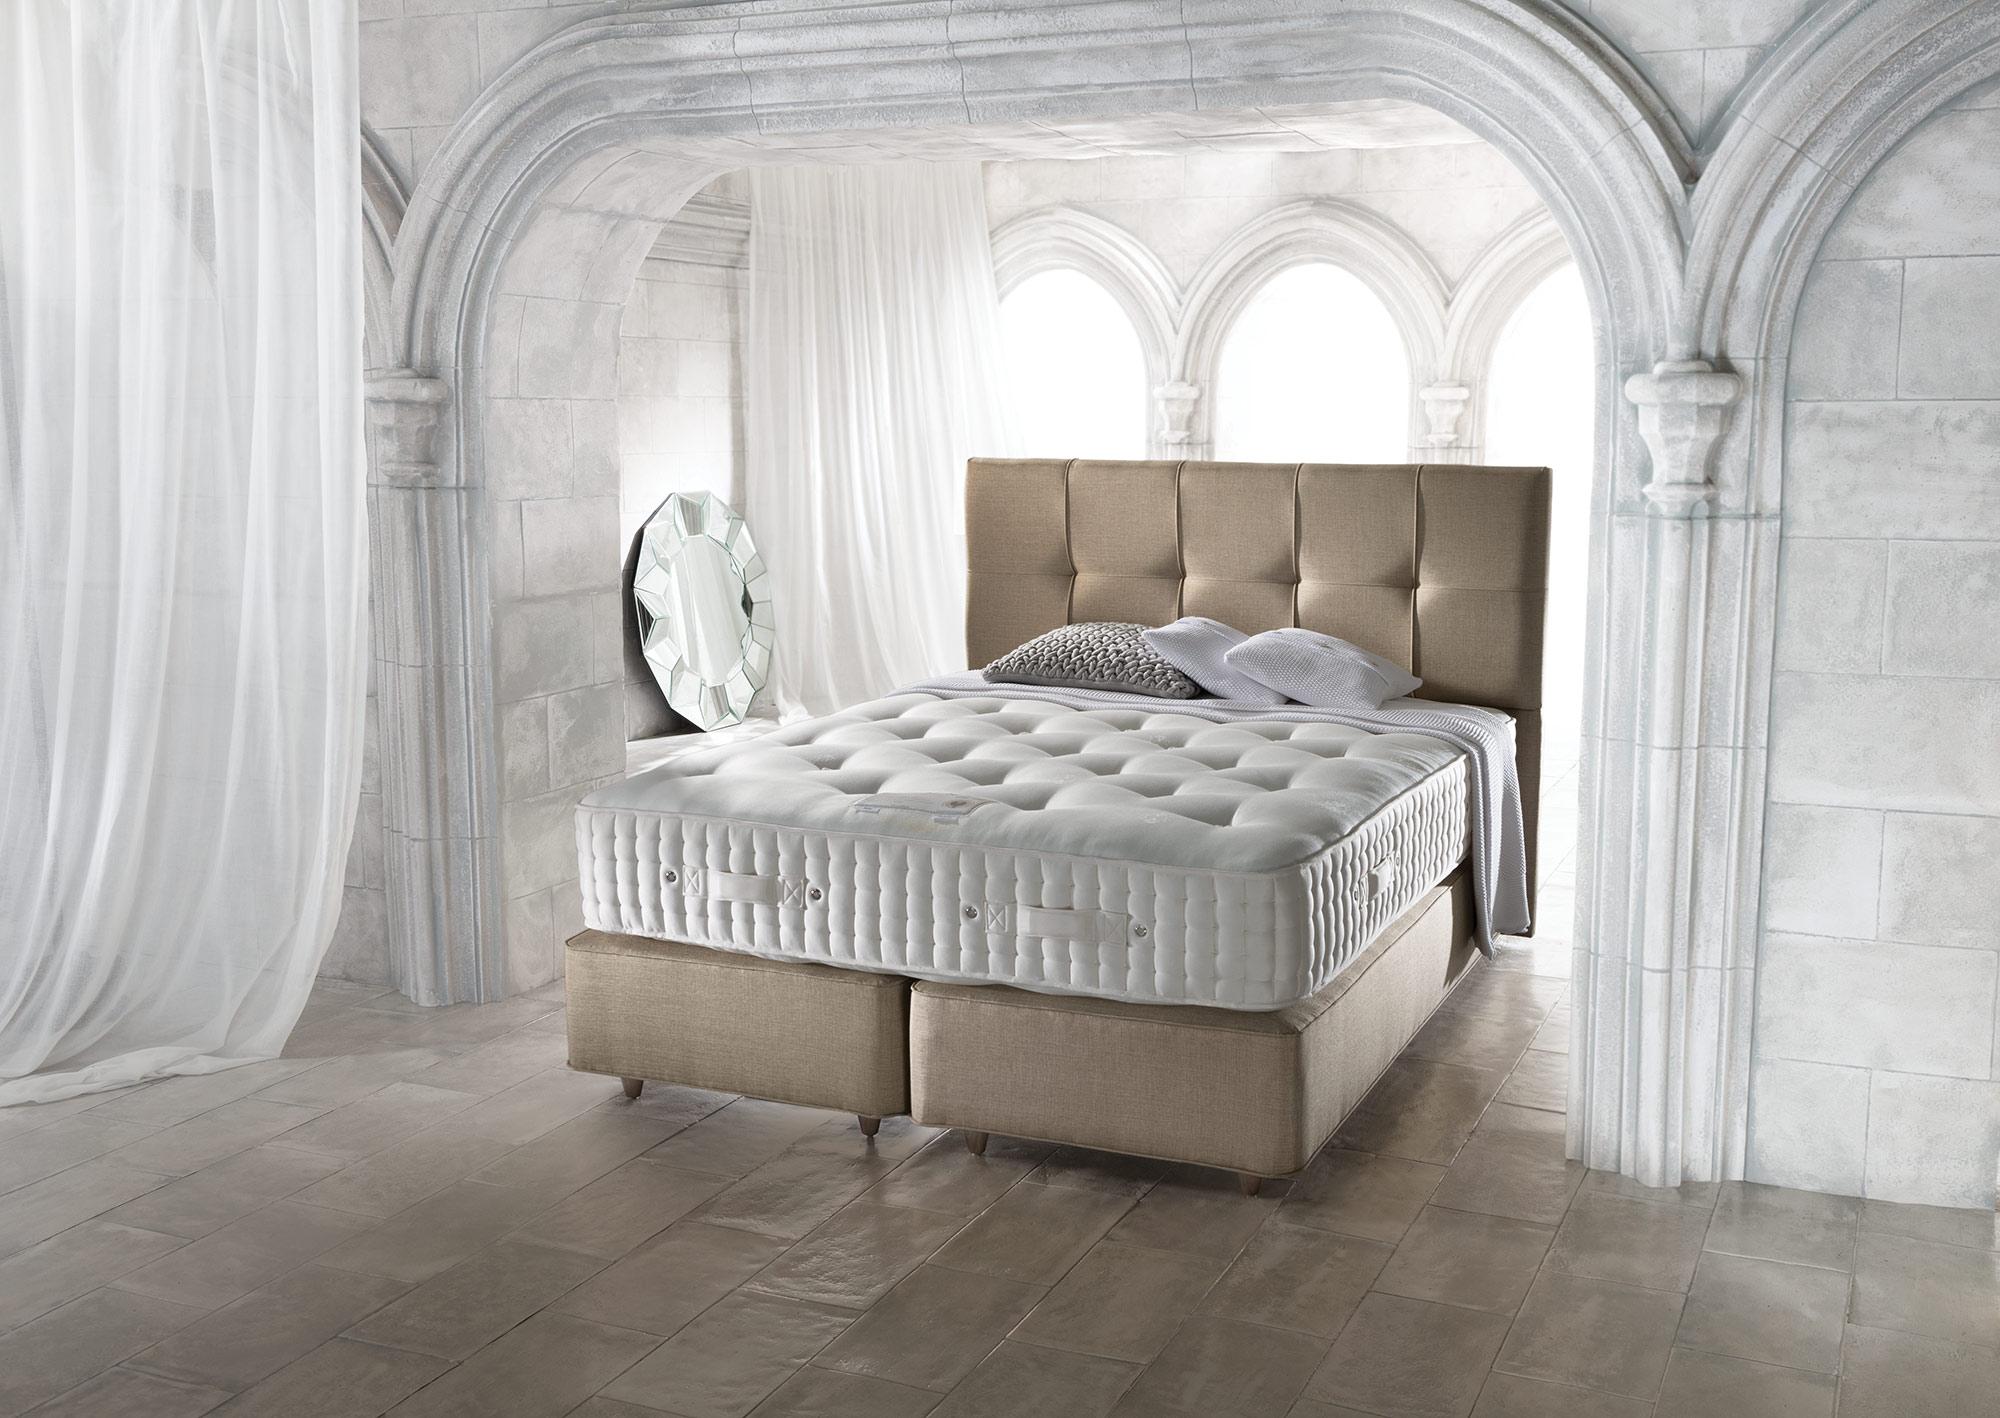 Full Size of Somnus Betten Meise 180x200 Für übergewichtige Amazon Luxus Oschmann Berlin Xxl Schlafzimmer Dico Ruf Fabrikverkauf Günstige Aus Holz Bett Somnus Betten